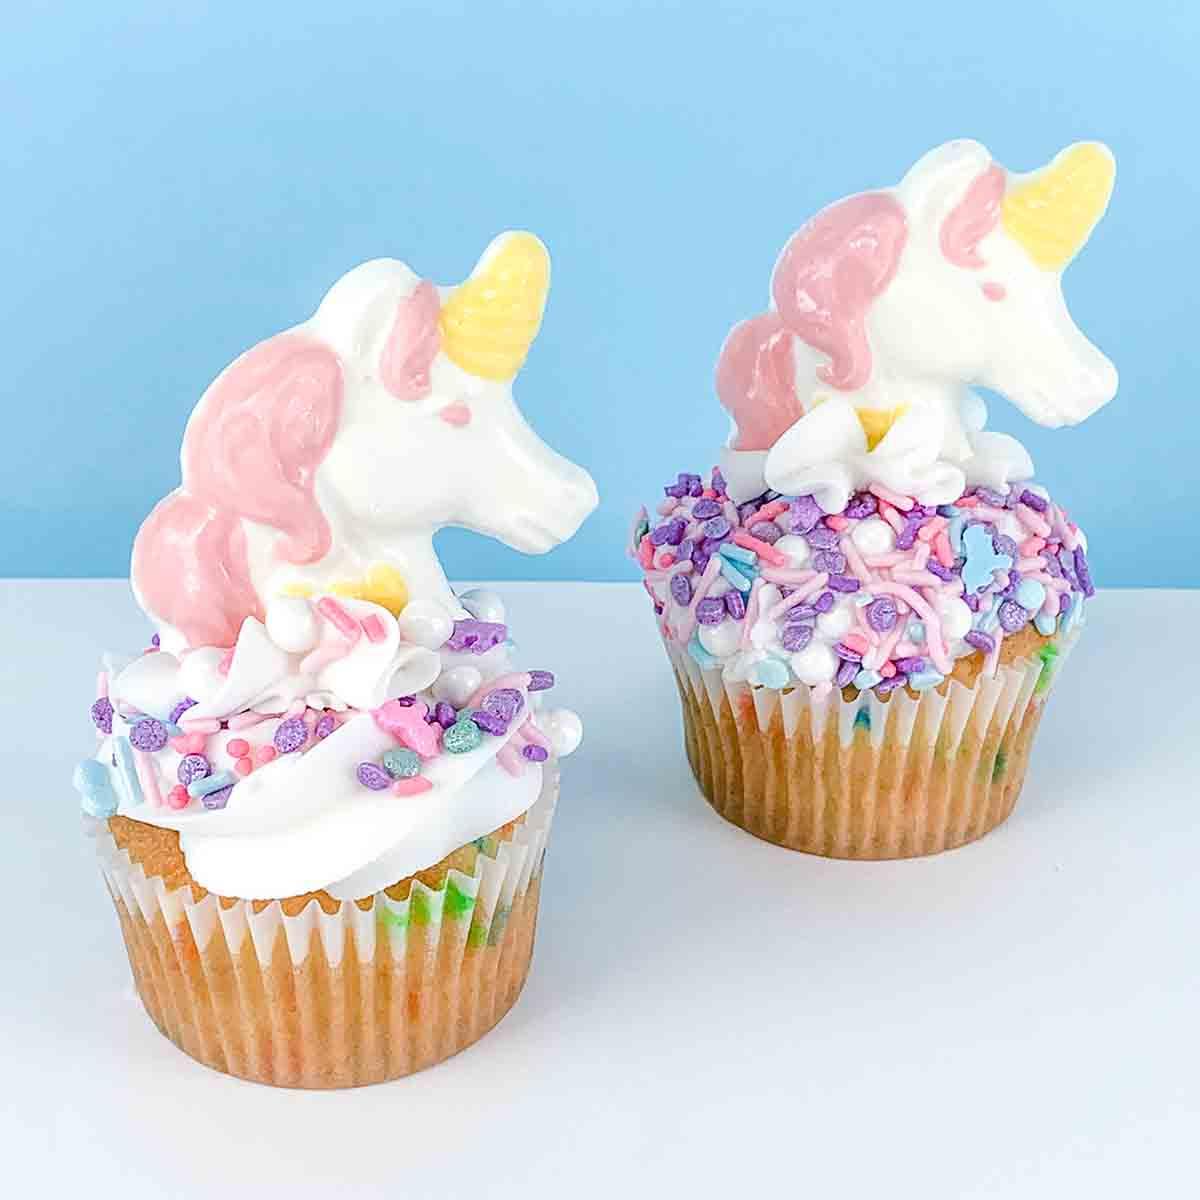 Bake at Home Unicorn Cupcake Kit